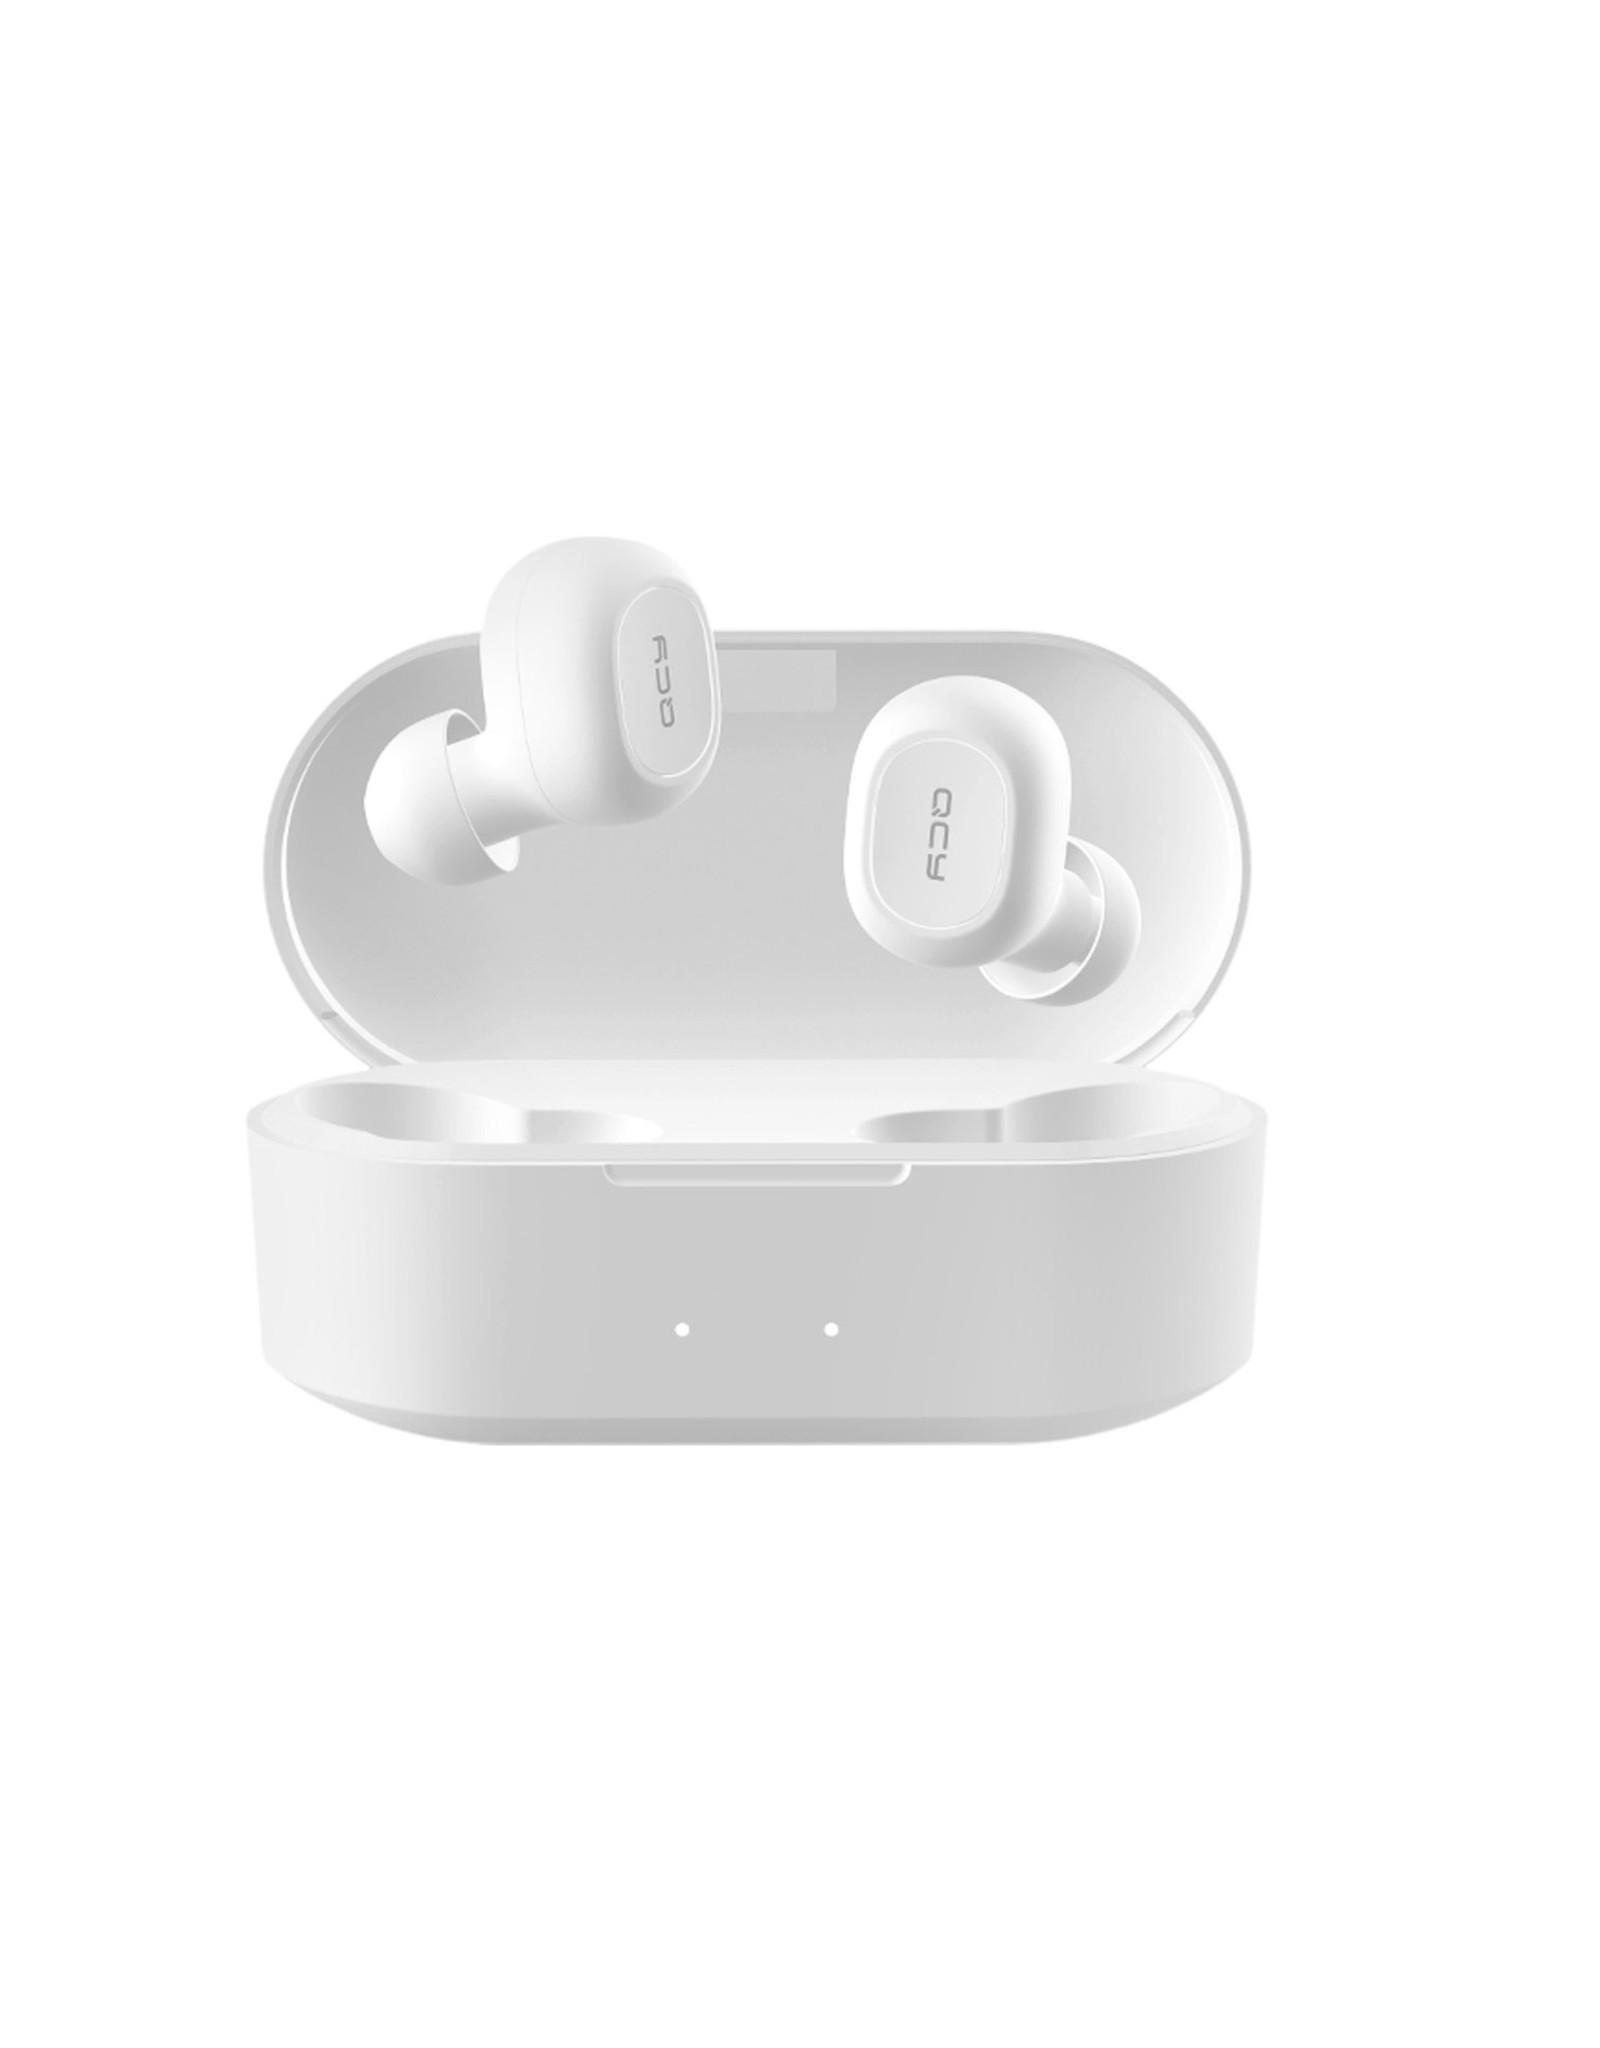 QCY T2C - Draadloze oordopjes - Wit